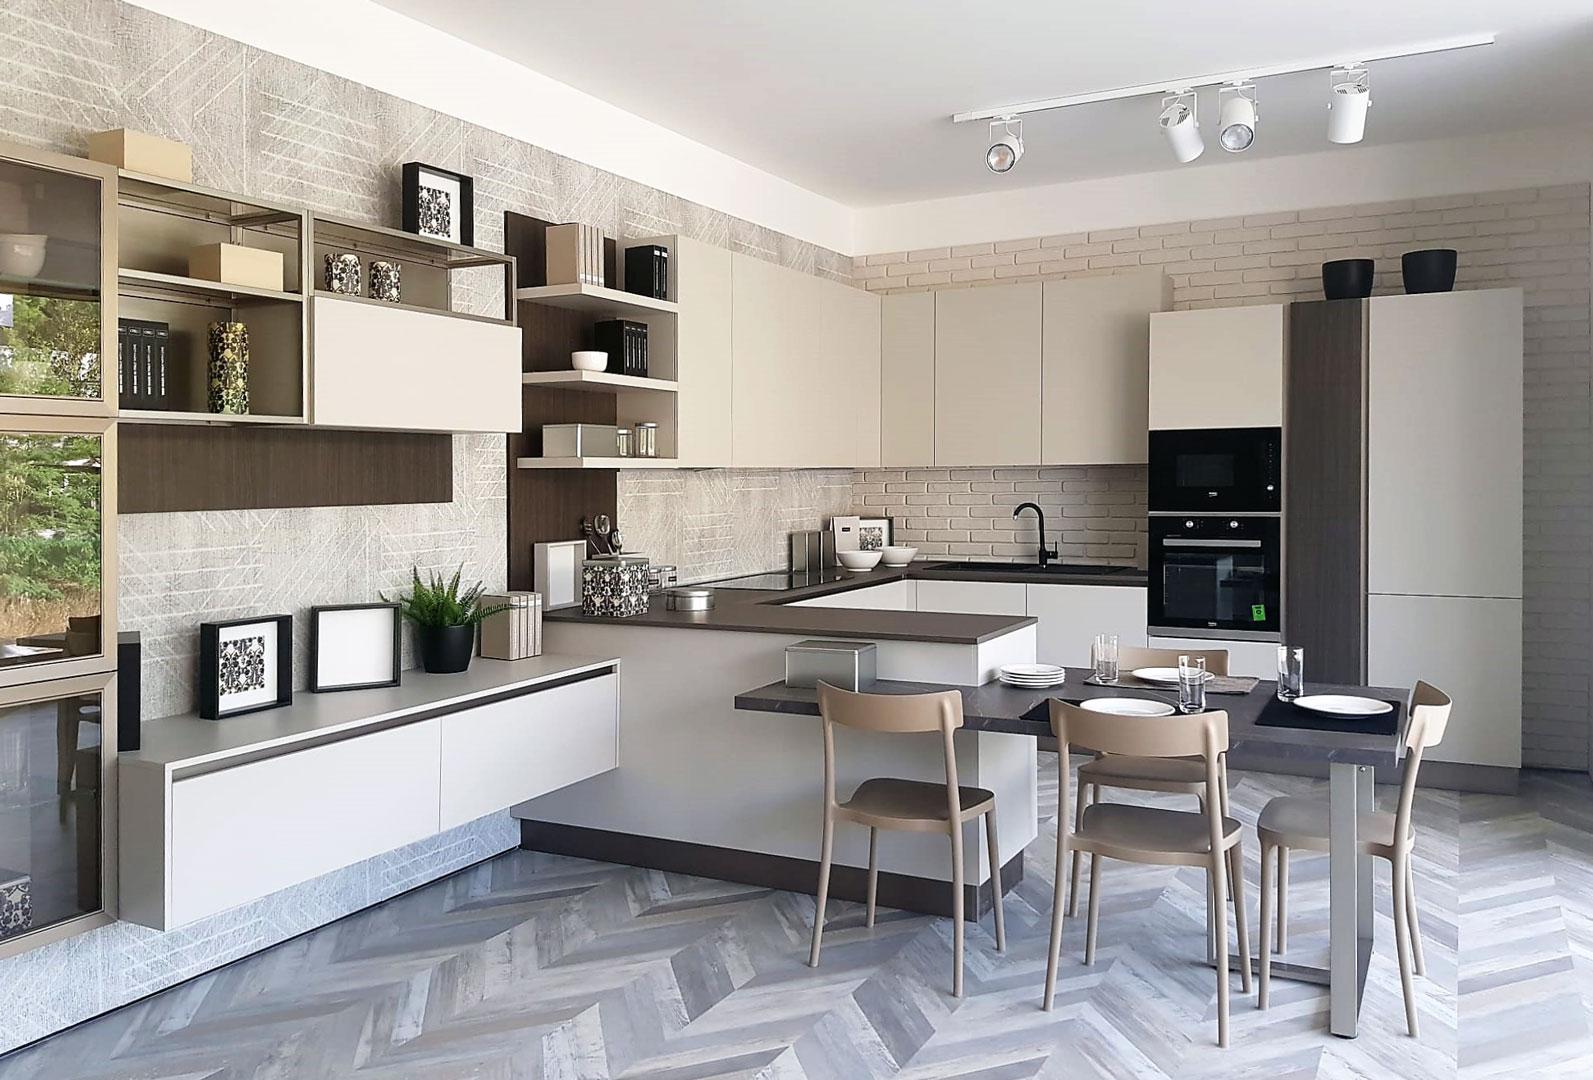 Negozi Mobili Cagliari E Provincia news ed eventi - creo cucine - creo kitchens